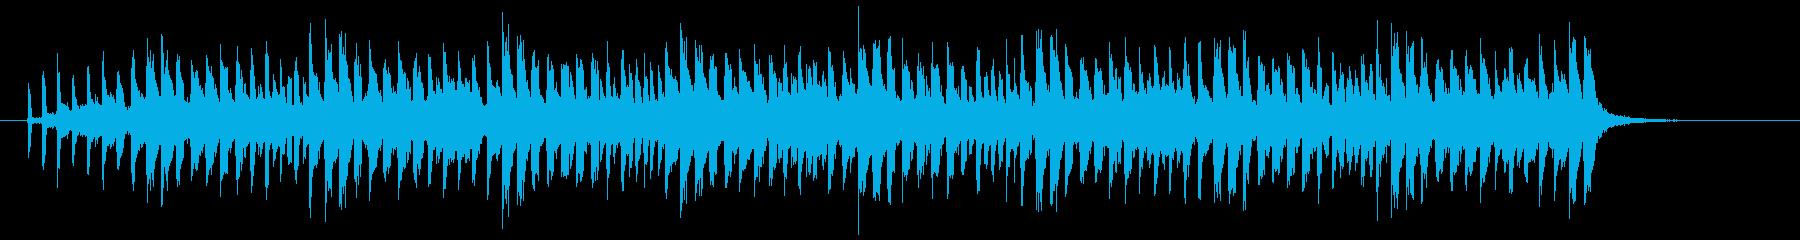 ほのぼのしたテクノポップスのジングルの再生済みの波形